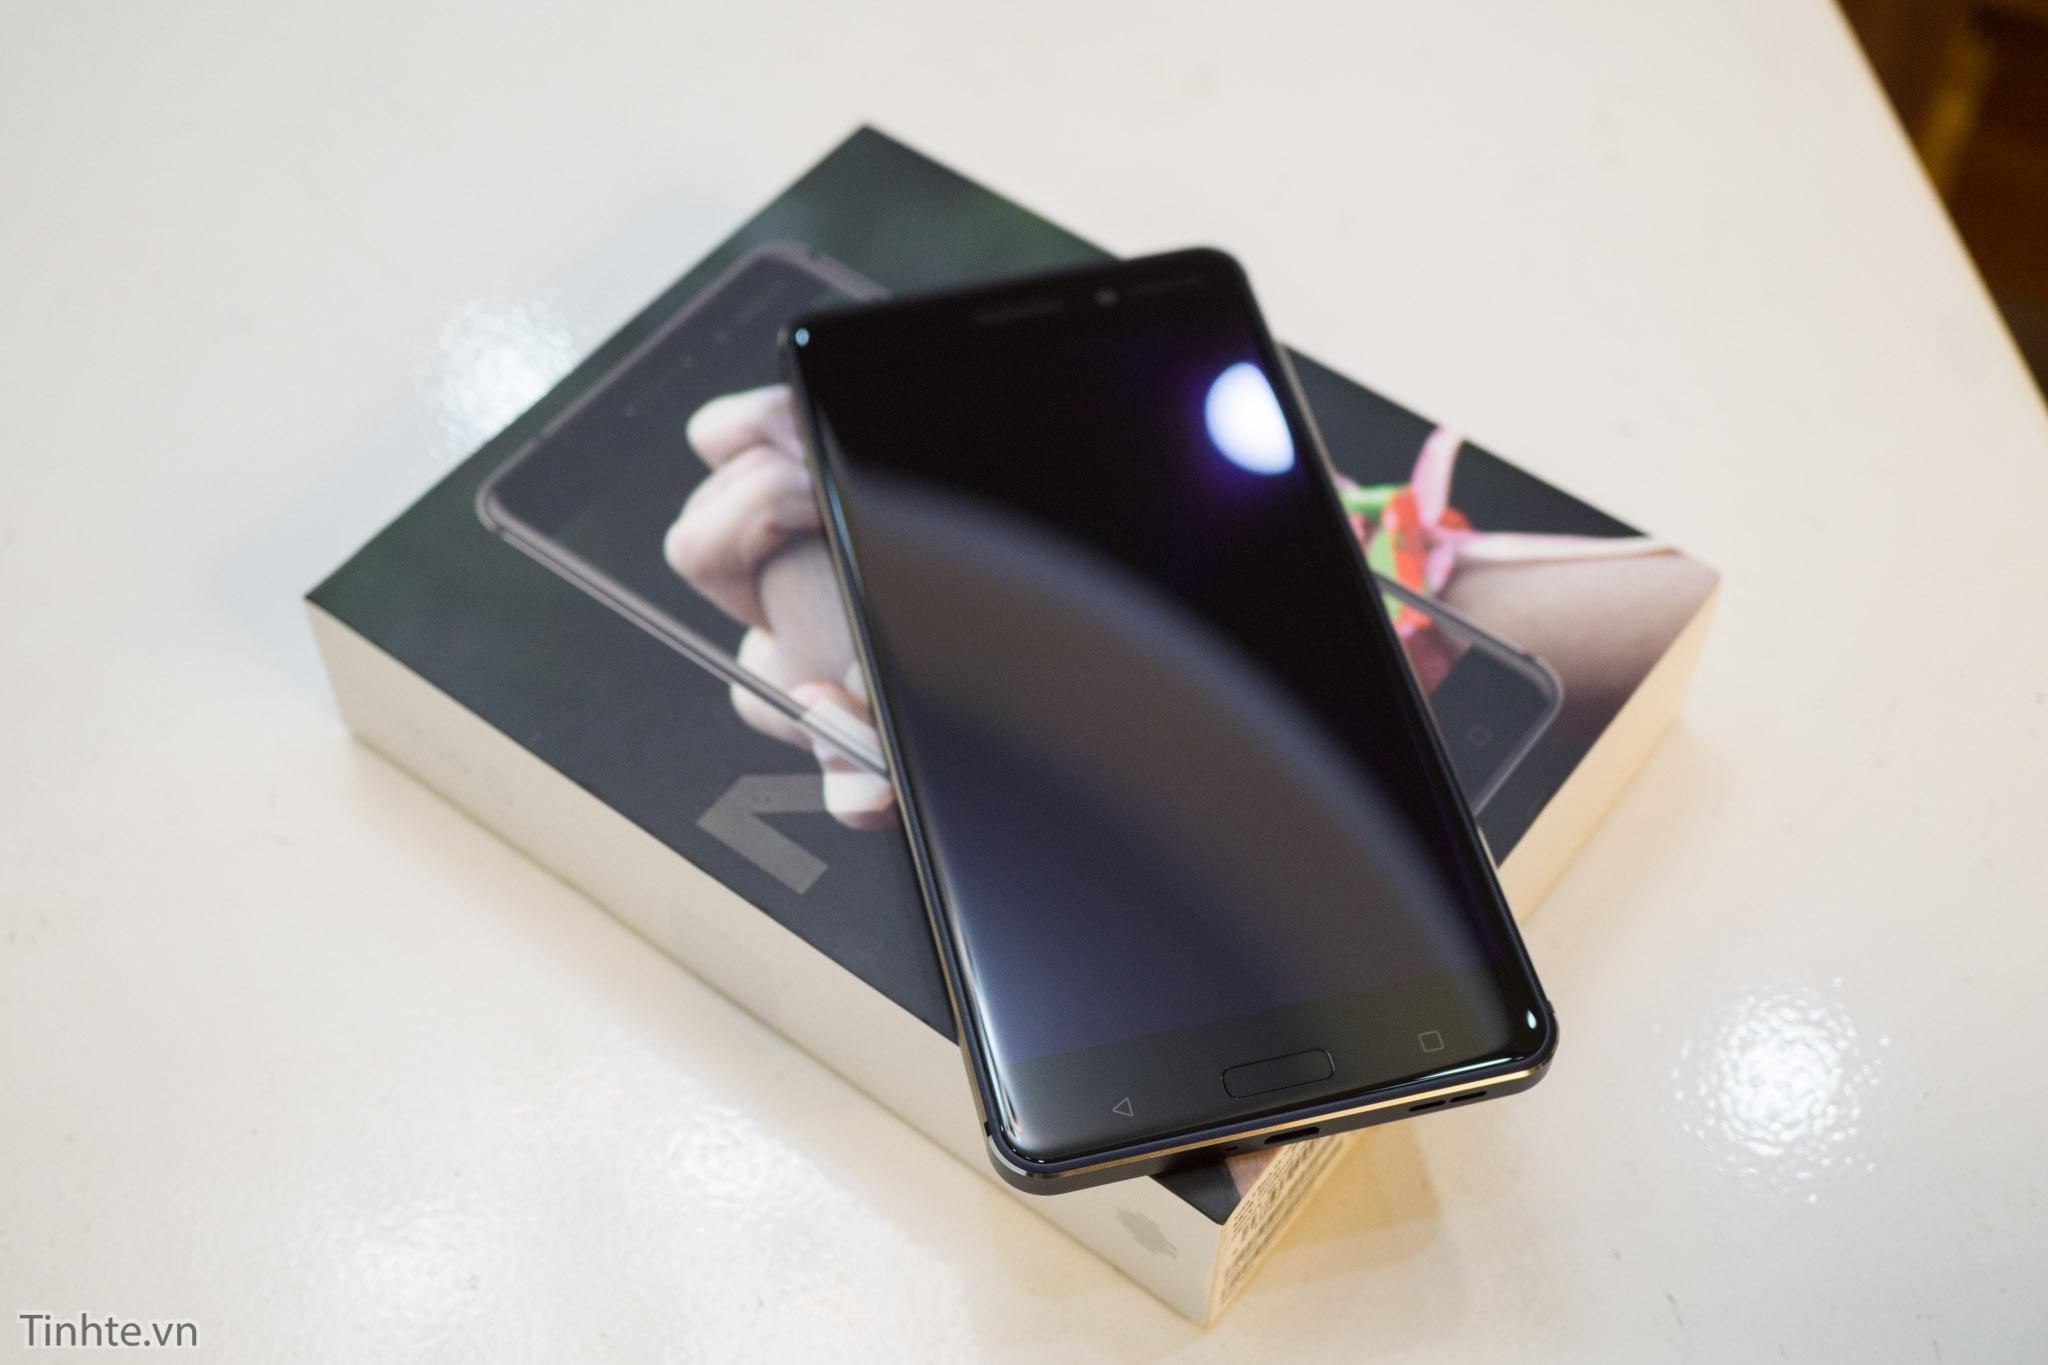 Điện thoại Nokia 6 Smartphone đánh dấu sự trở lại của Nokia